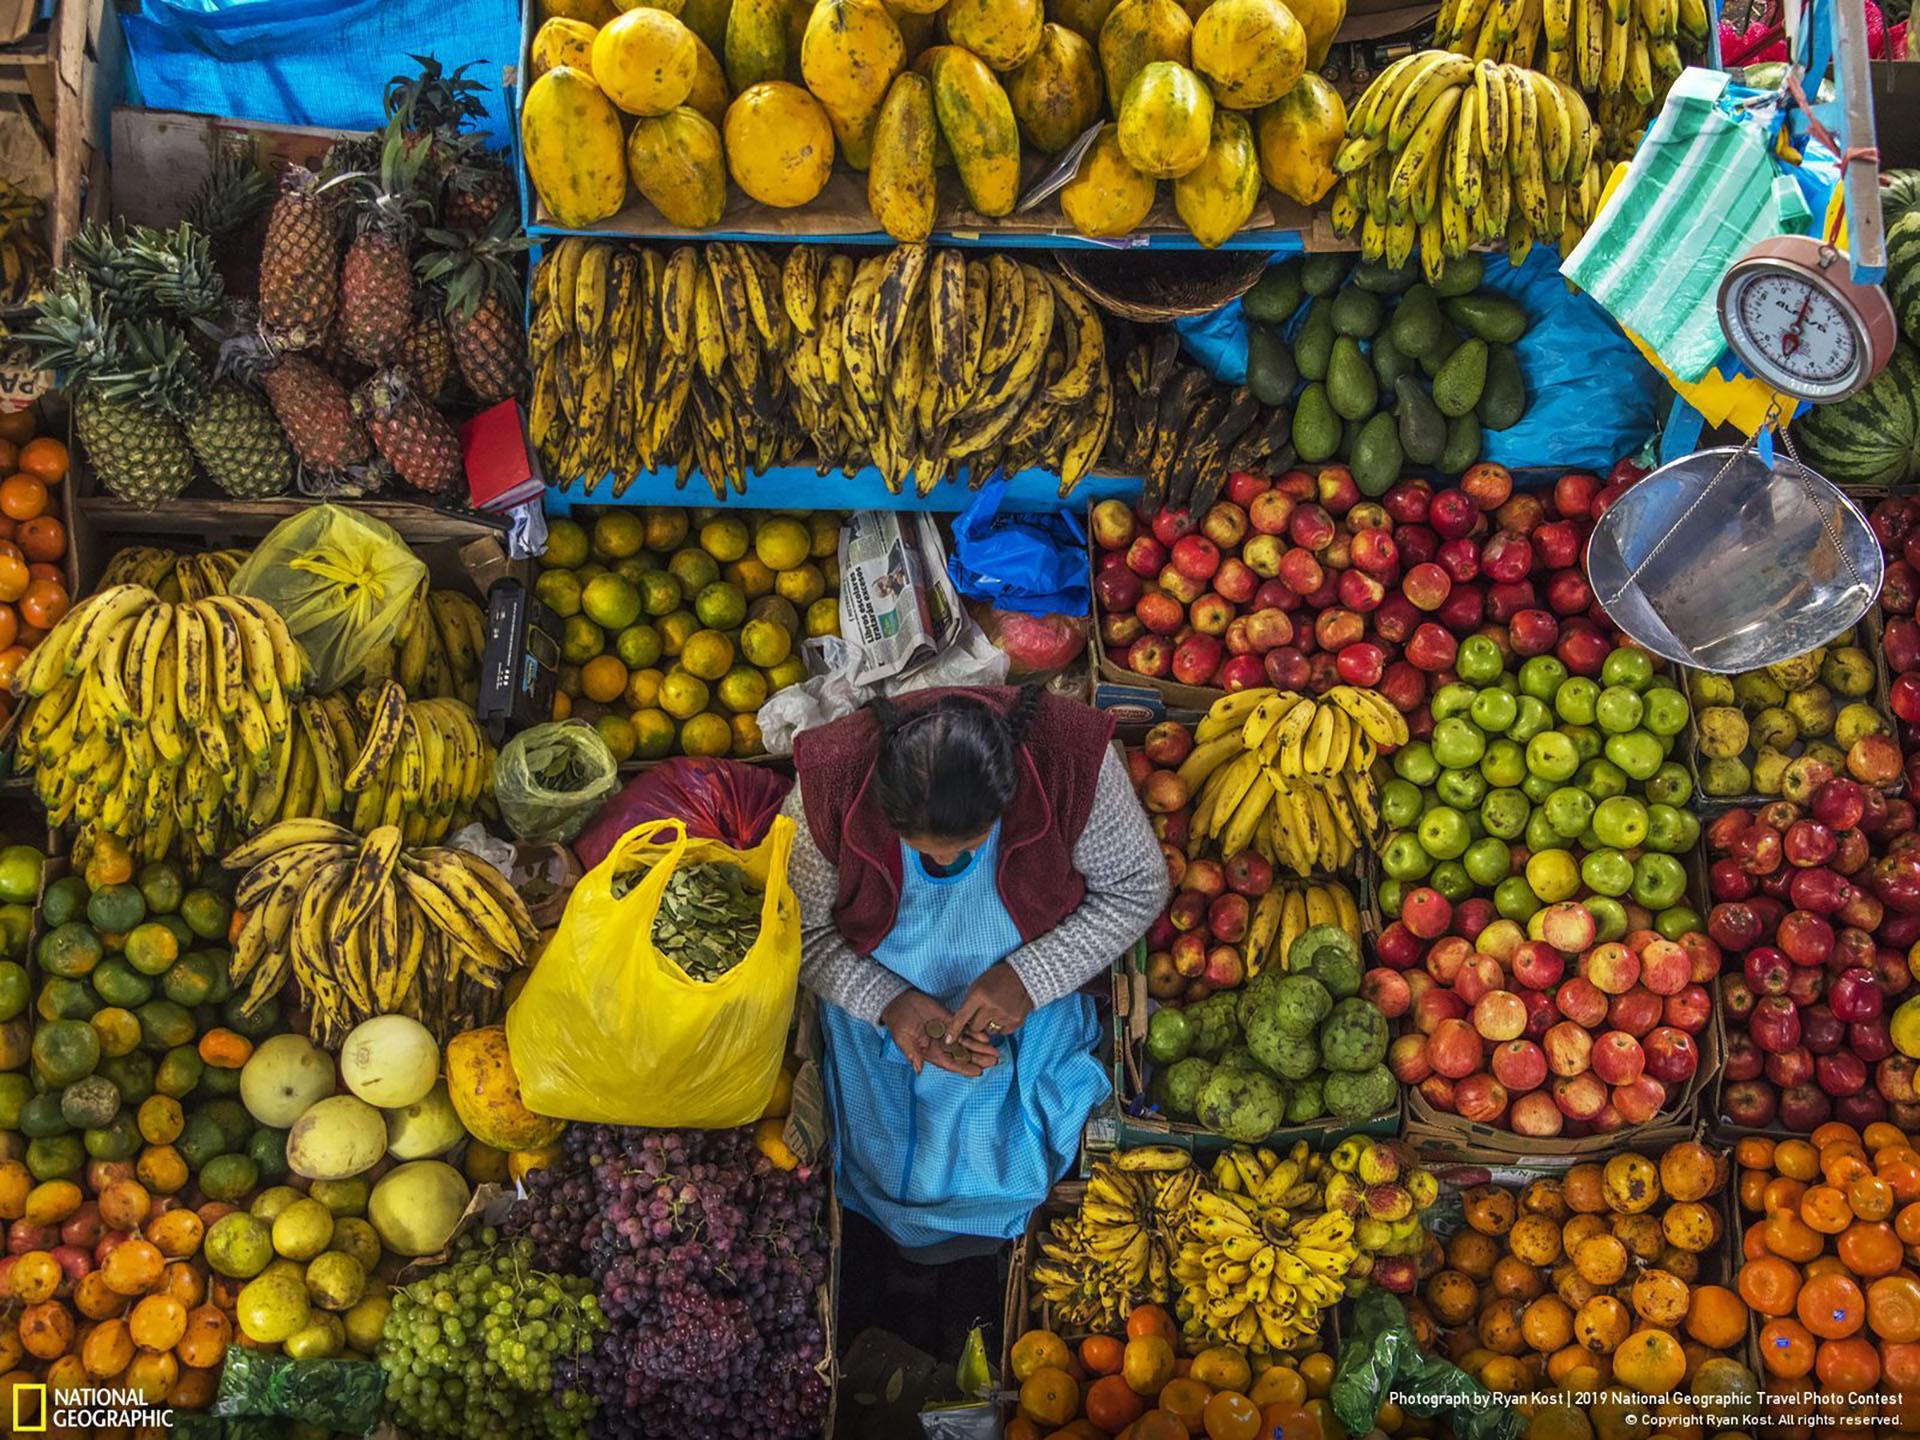 """""""Día del Mercado"""", por Ryan Kost: """"Día de mercado en Urubamba. Hermosa, deliciosa, orgánica, y muy colorida. Siempre es más saludable aquí. Las únicas cosas que están siendo procesadas son tus pensamientos haciendo cosquillas a tus sentidos. Mi rutina diaria. Parar aquí por la mañana. Mezclar esta bondad en un batido fresco y guardar un poco para una copa a las cinco de la tarde con pisco. Mi consejo…. si quieres experimentar más sobre una cultura, visita el mercado local"""". (""""Market Day"""" / 2019 National Geographic Travel Photo Contest / Categoría: Gente / Ubicación: Urubamba, Cuzco, Perú)"""